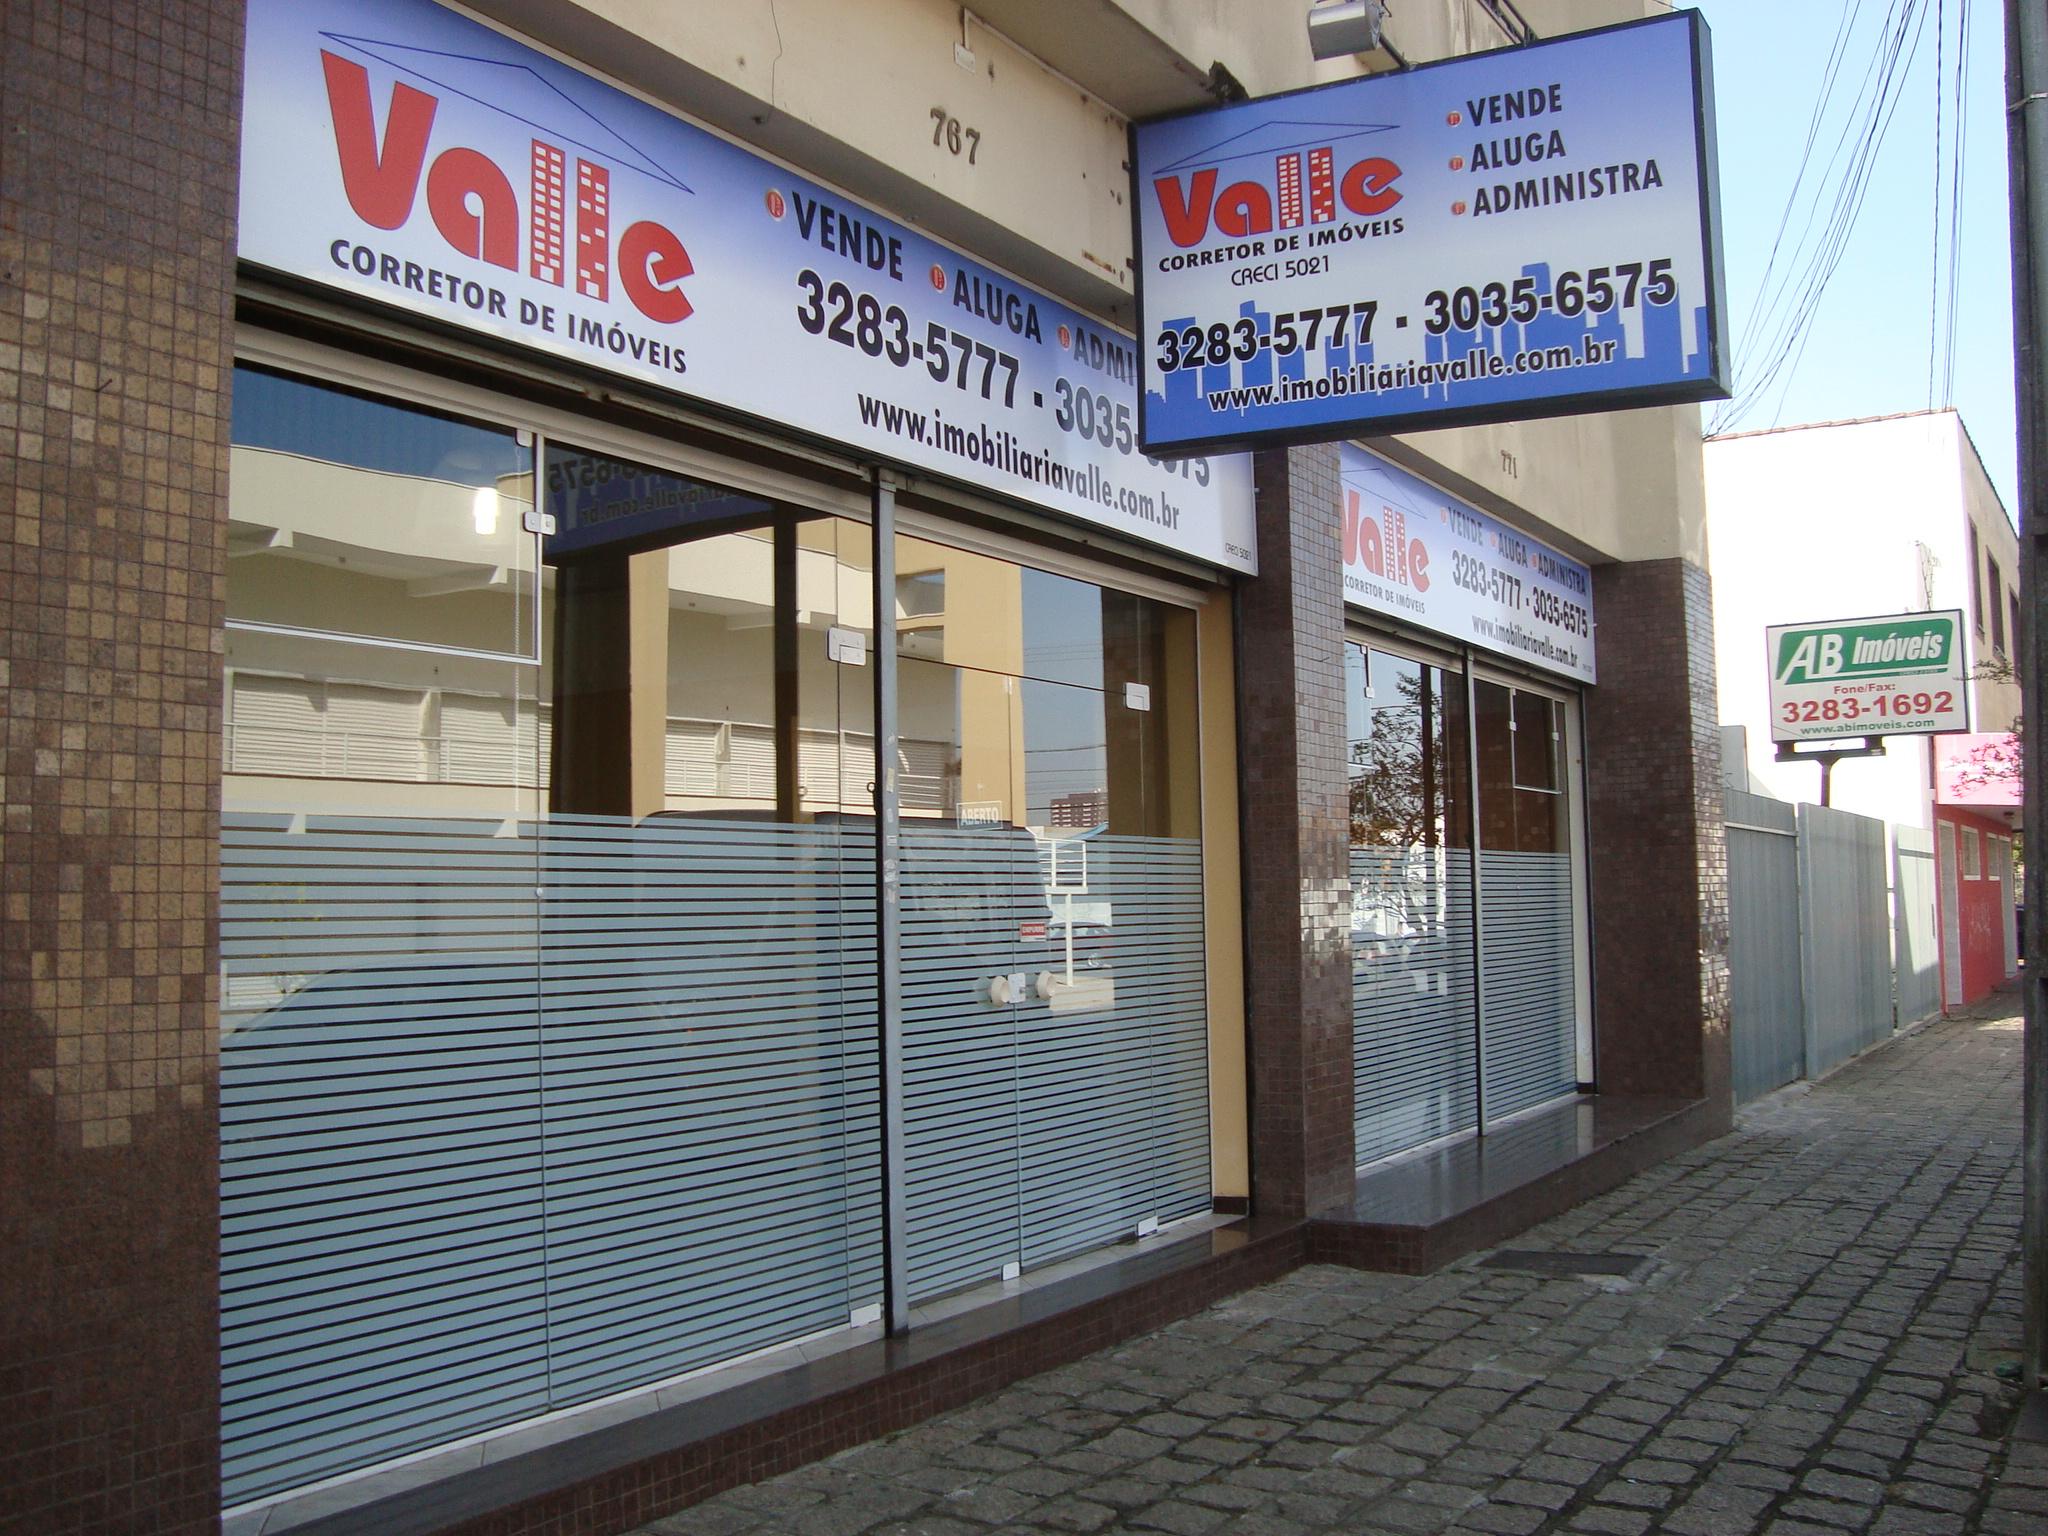 Imagem da frente da loja